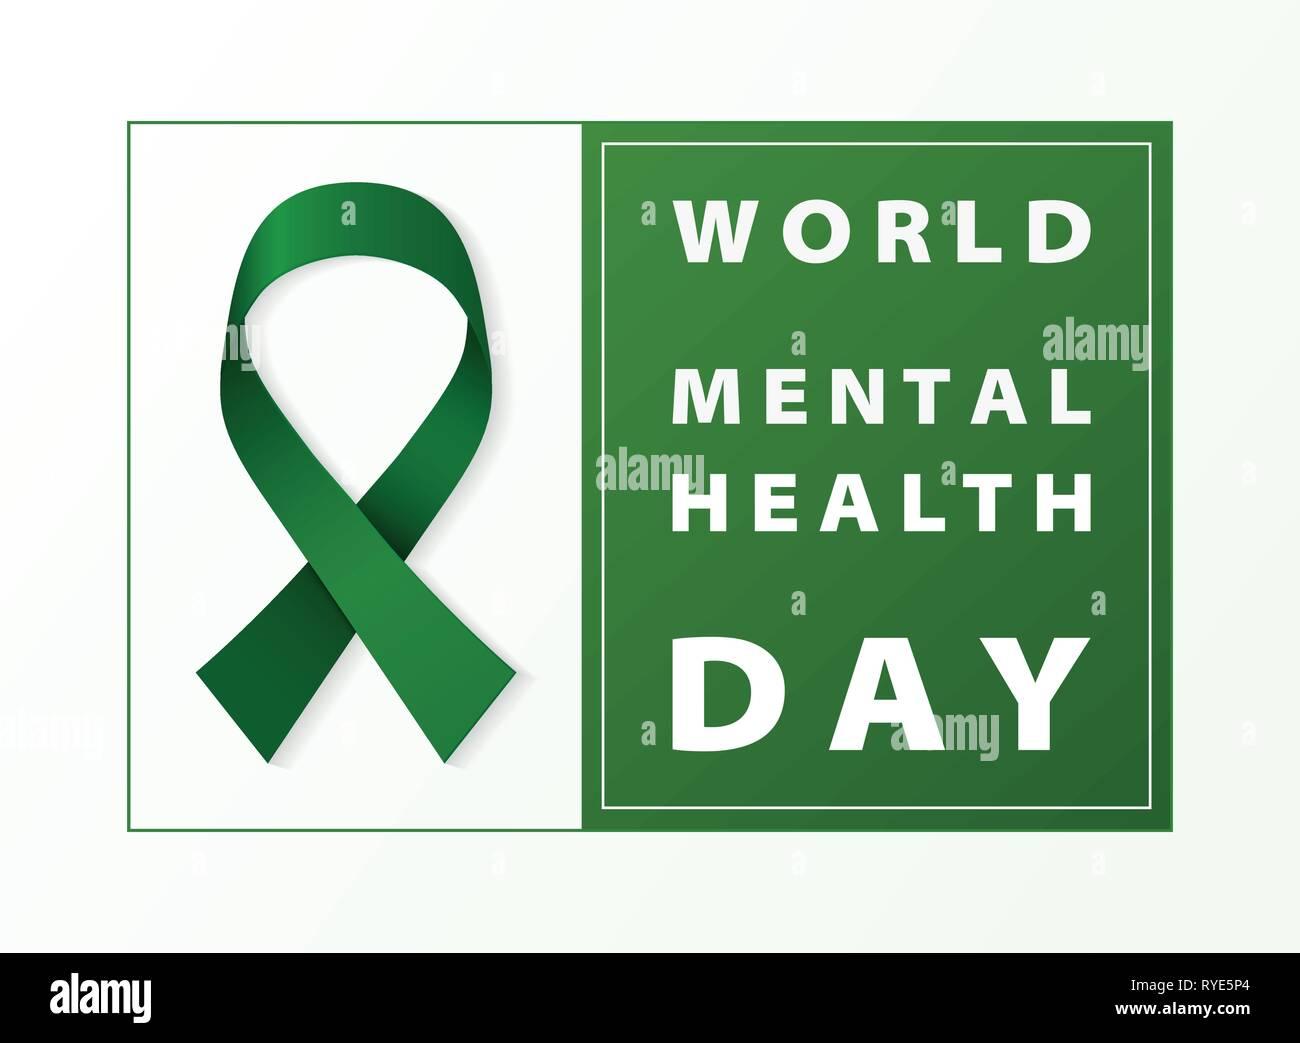 La journée mondiale de la santé mentale ruban vert fond de carte. Vous pouvez utiliser pour la journée mondiale de la santé le 7 avril prochain, annonce, affiche, illustrations vectorielles illustration de la campagne. Photo Stock